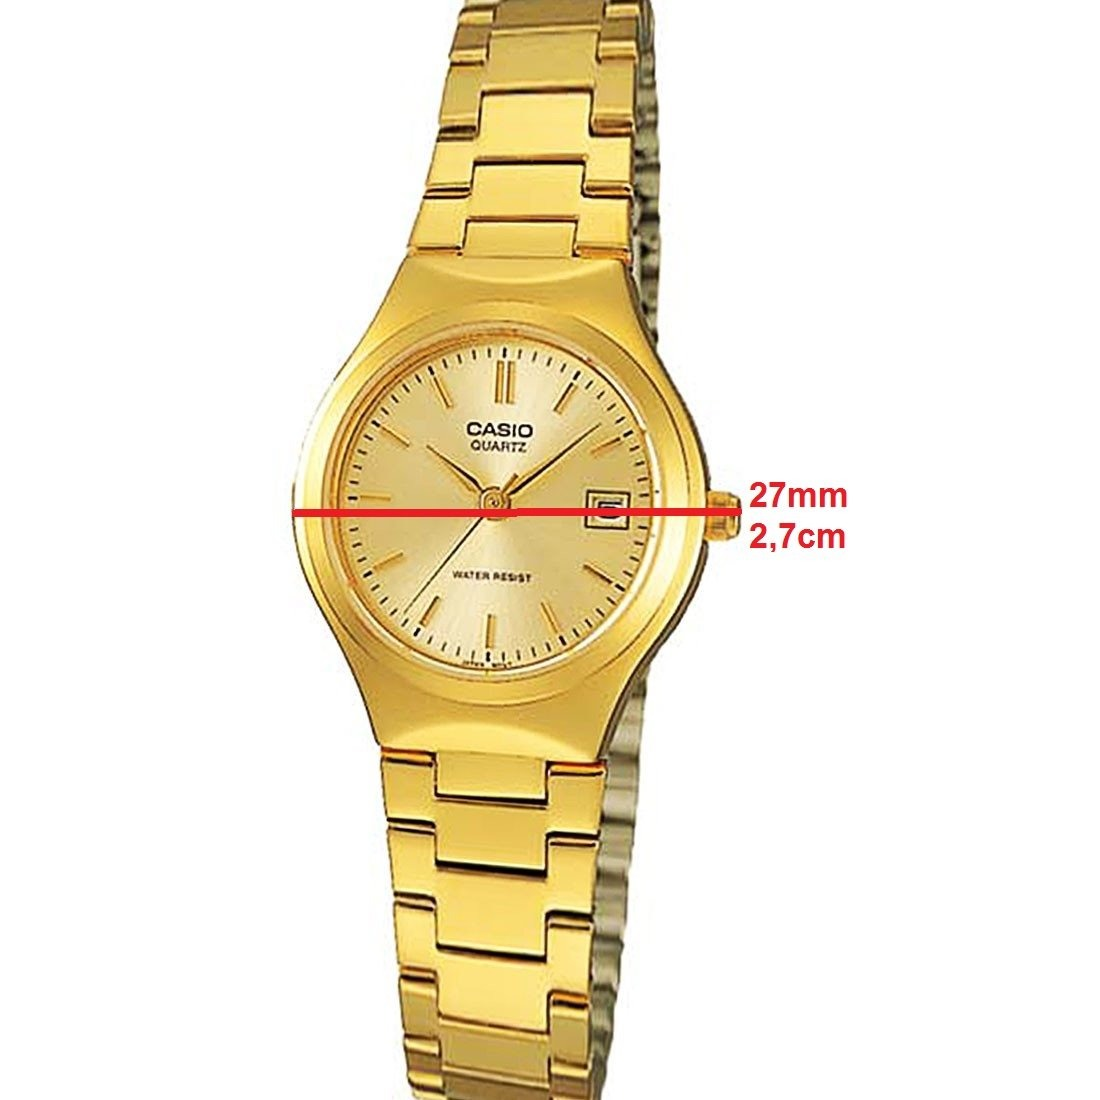 89d22f6ce2f Relogio Casio Ltp 1170n-9a Feminino Dourado Data Wr Clássico - R ...